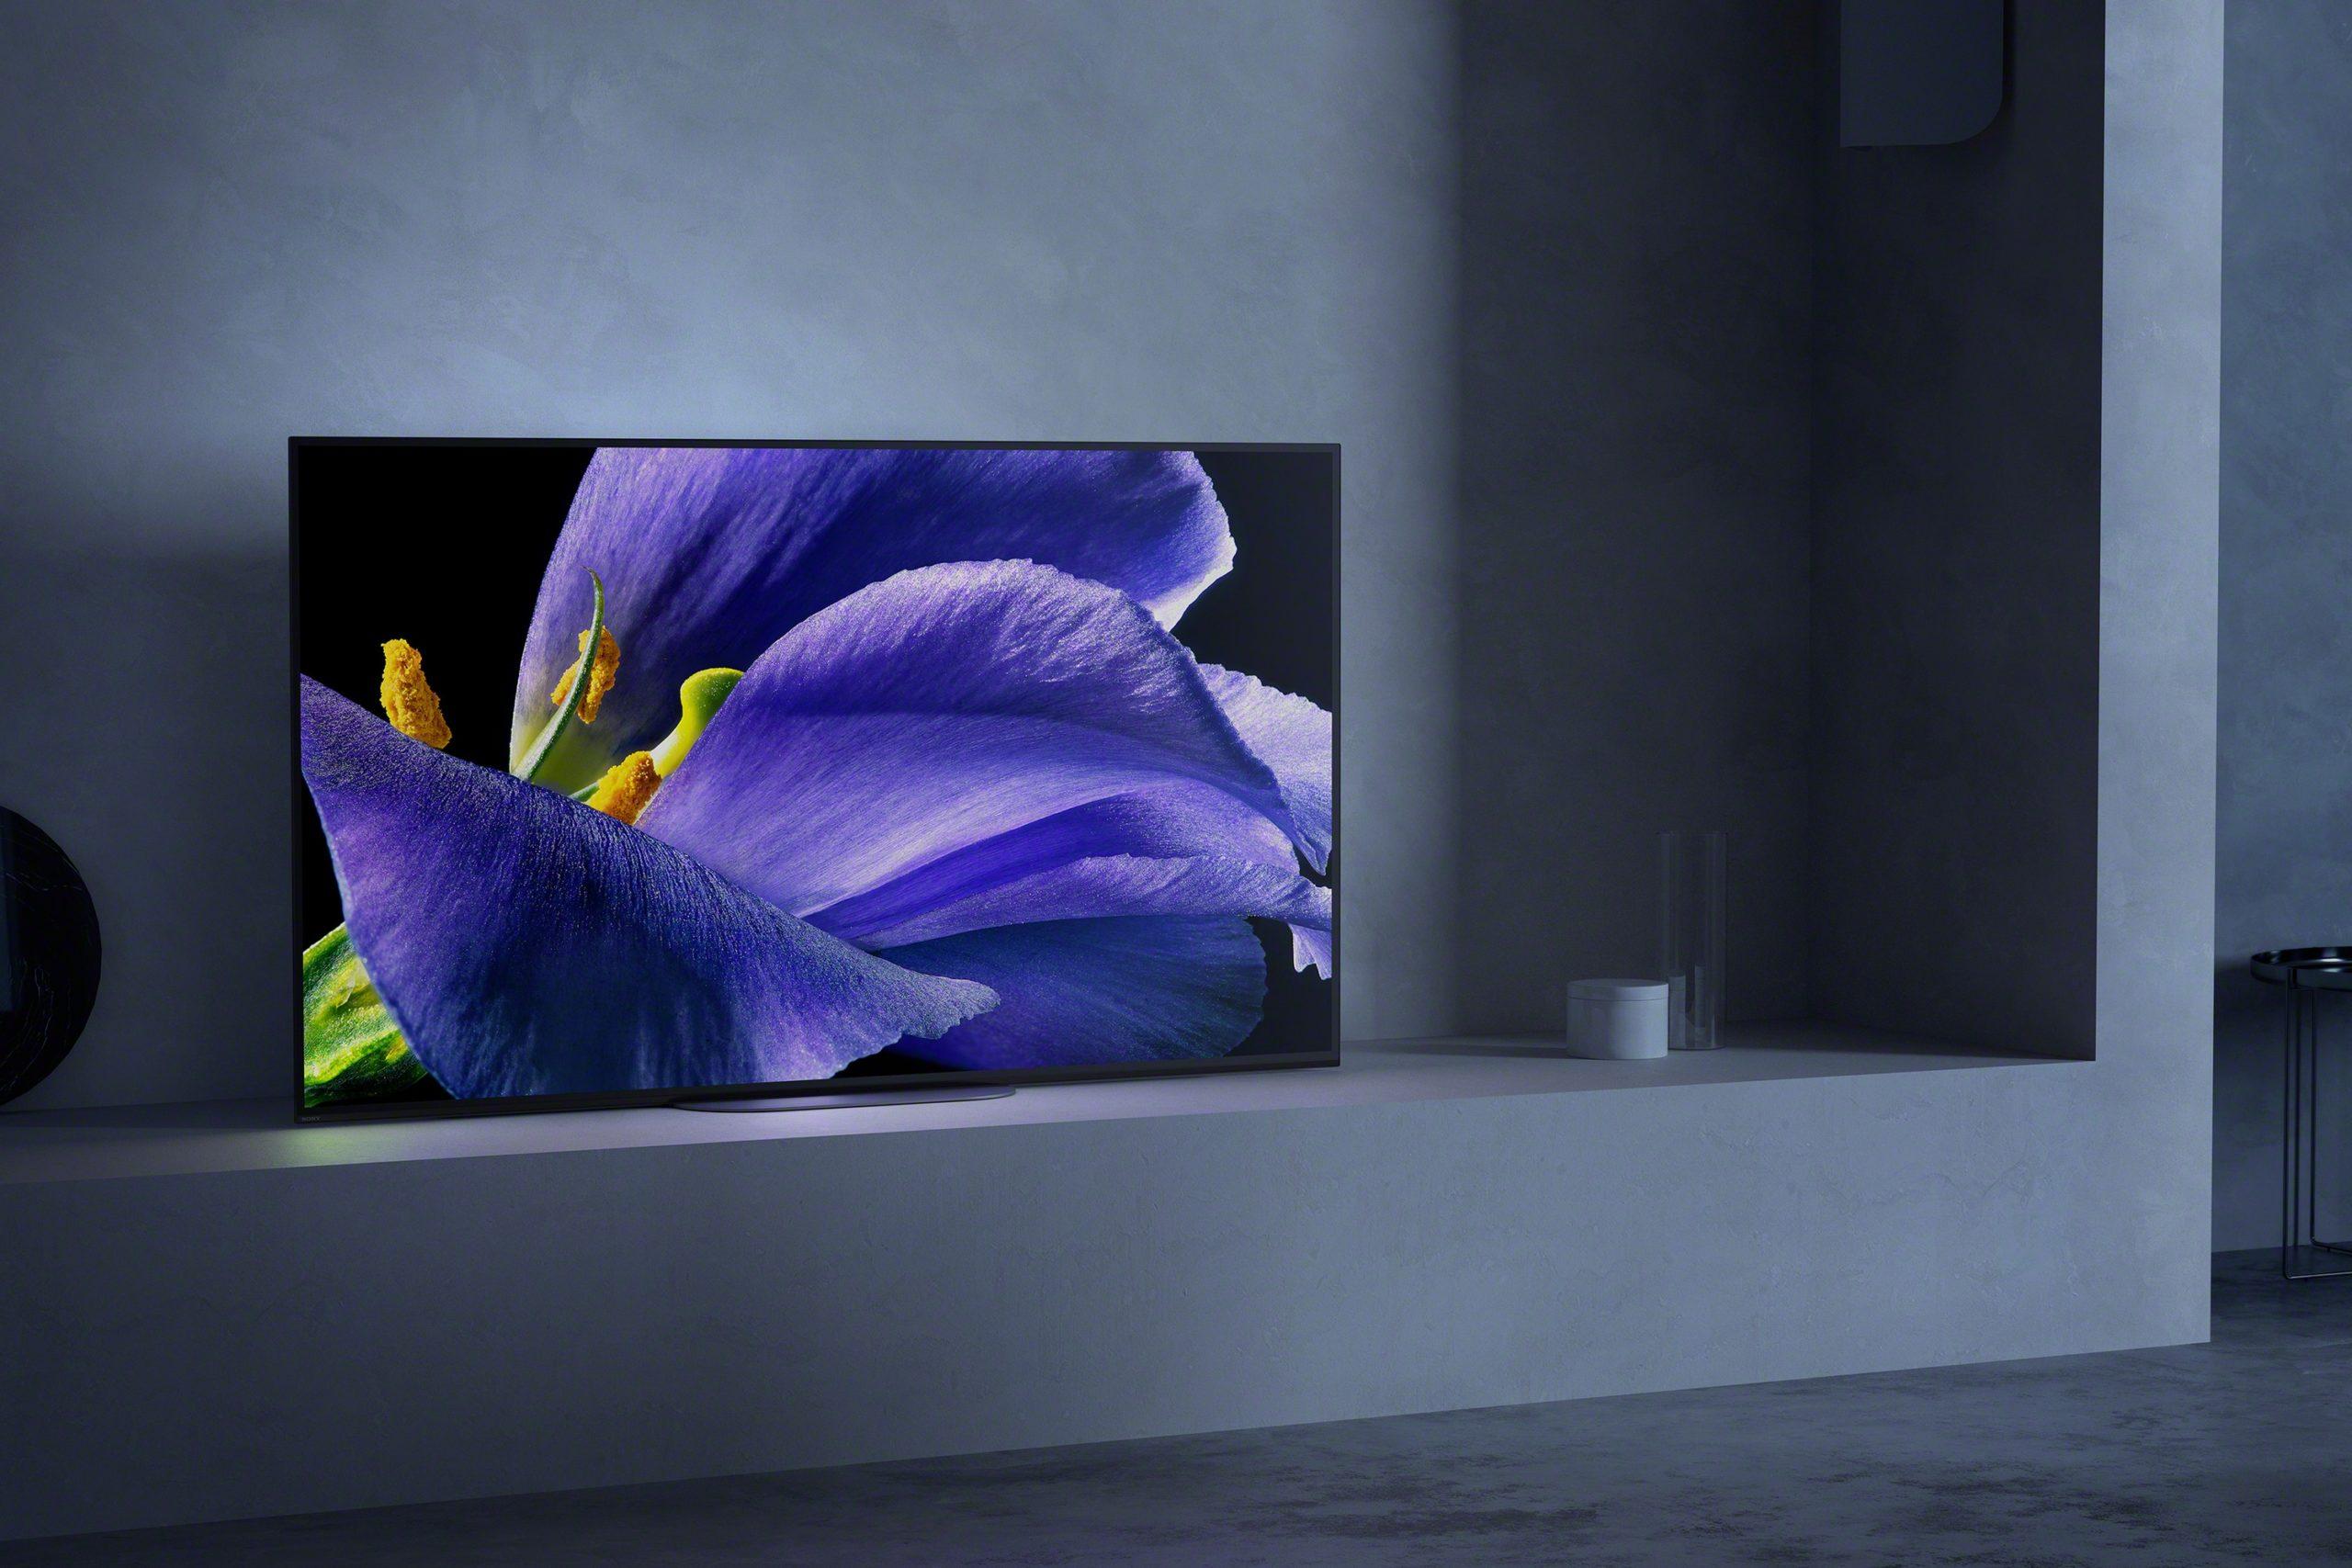 Smart TV da sony